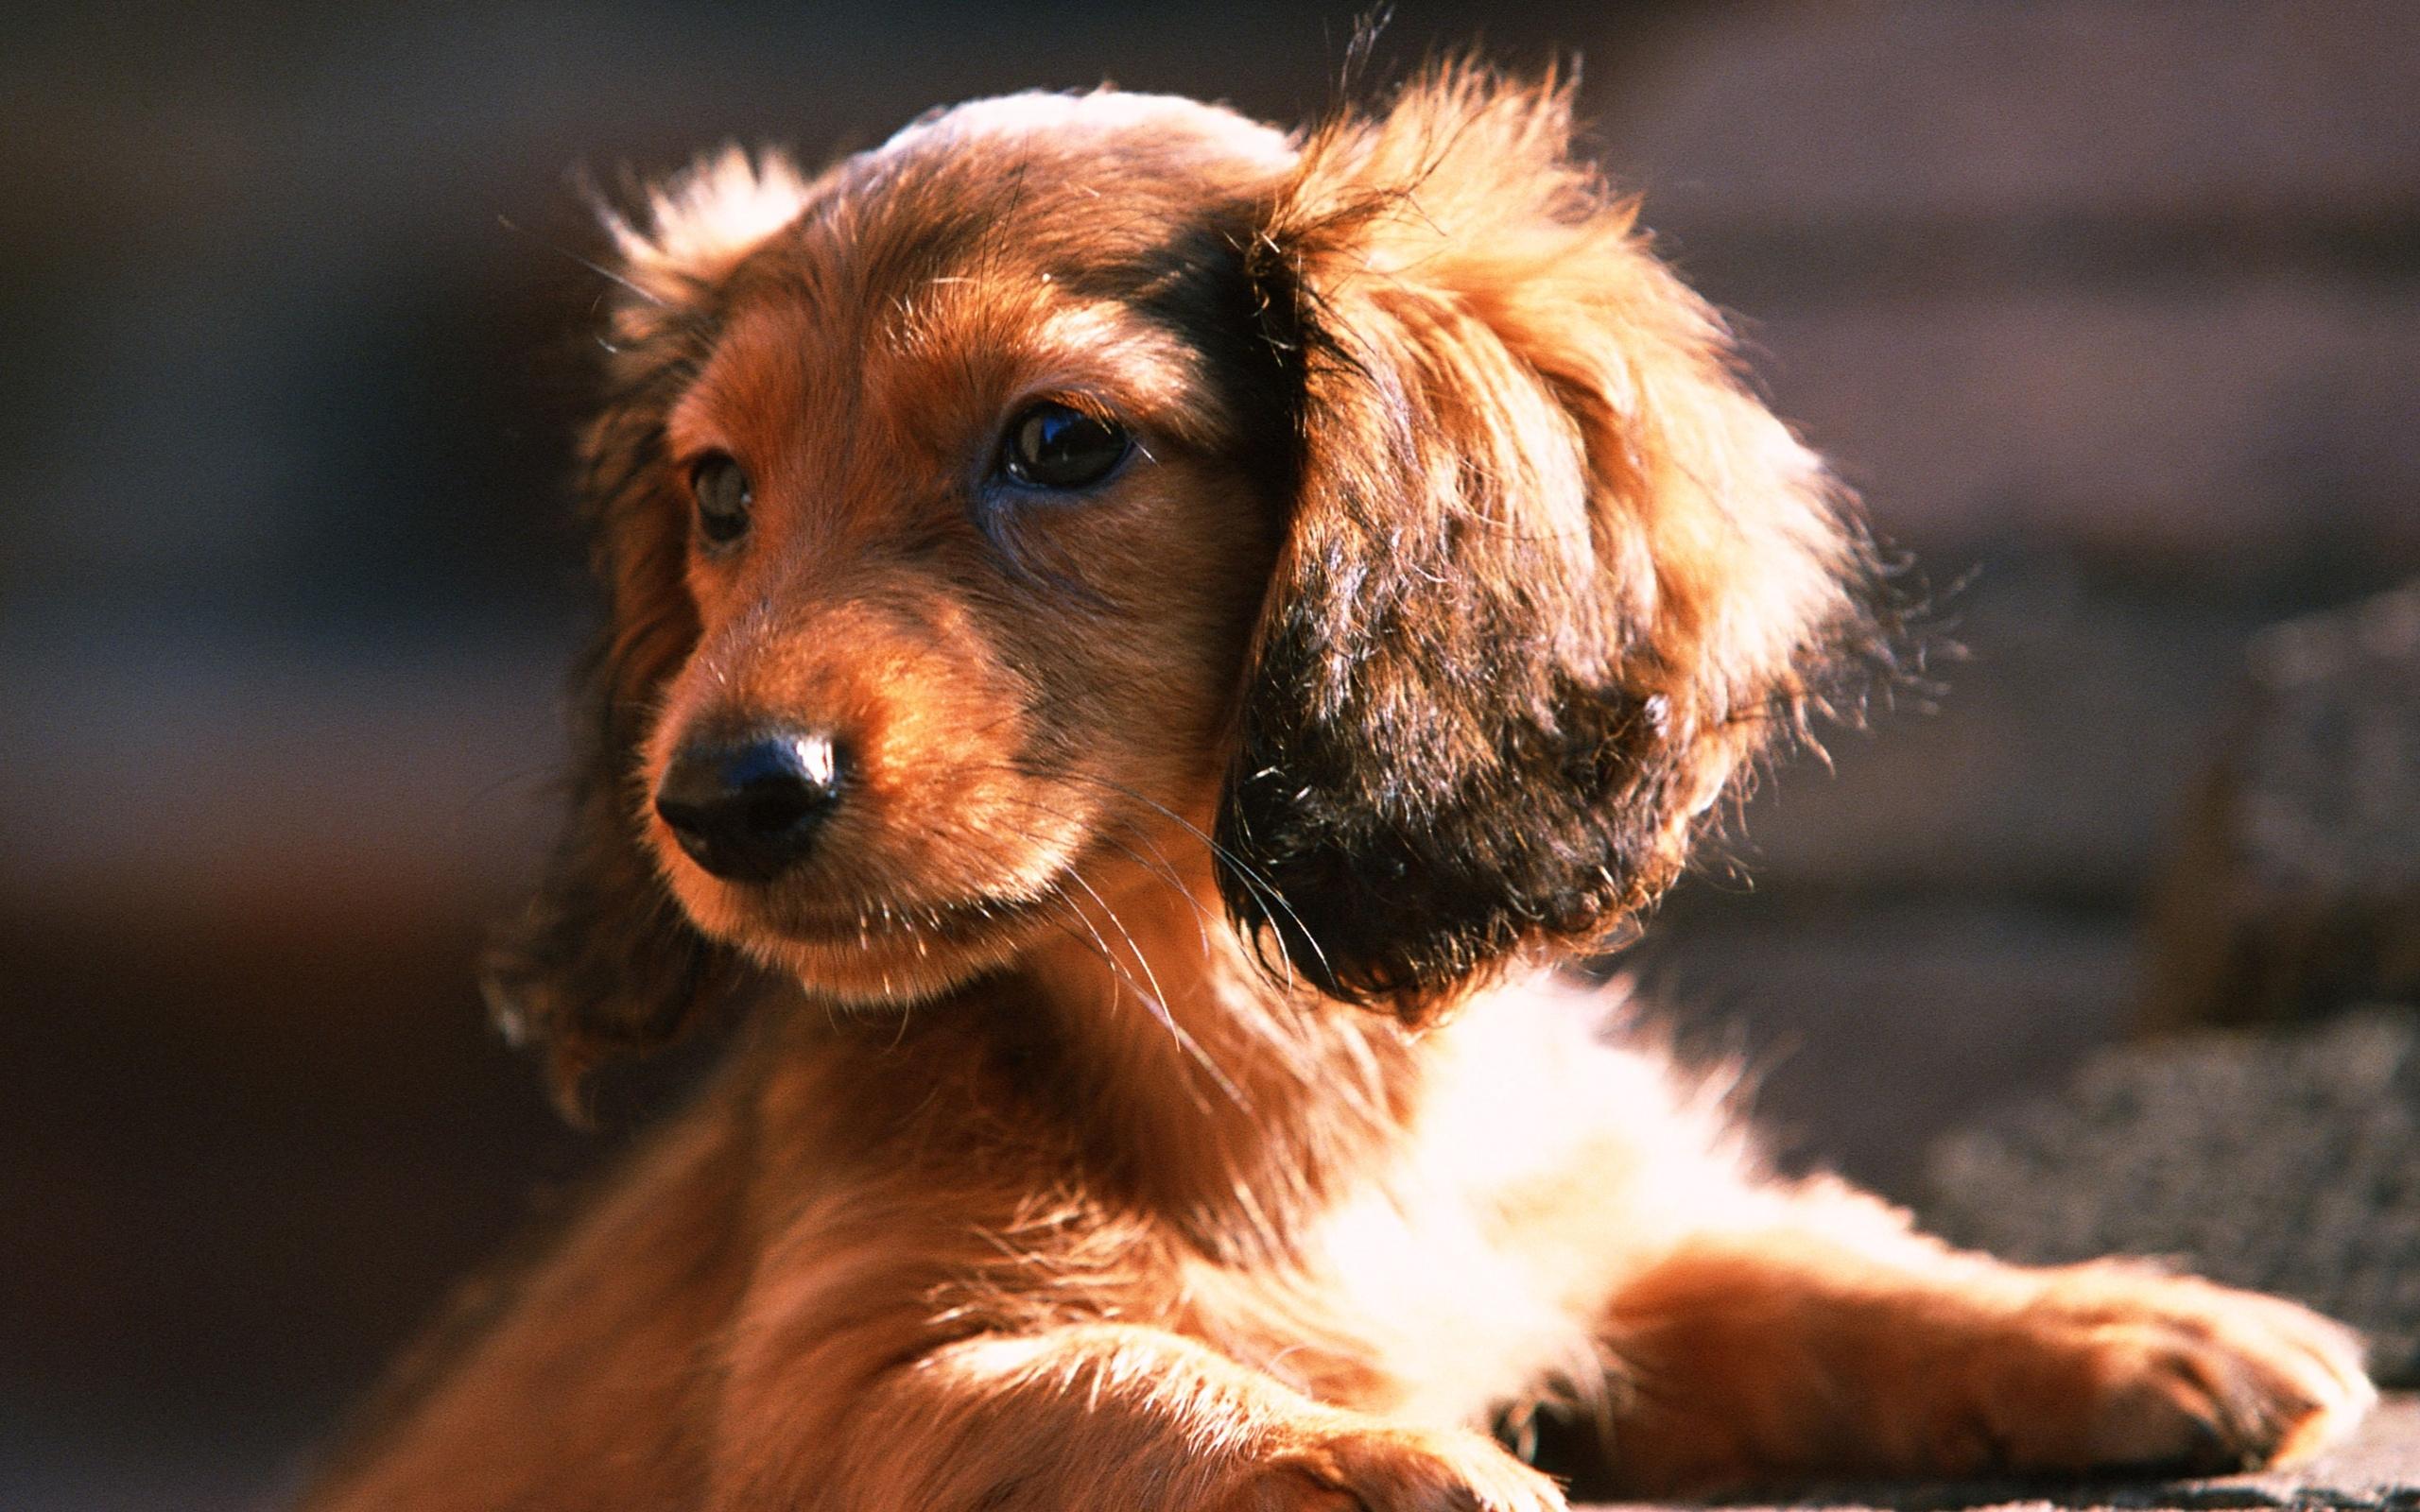 Baixar papel de parede para celular de Cães, Animais gratuito.